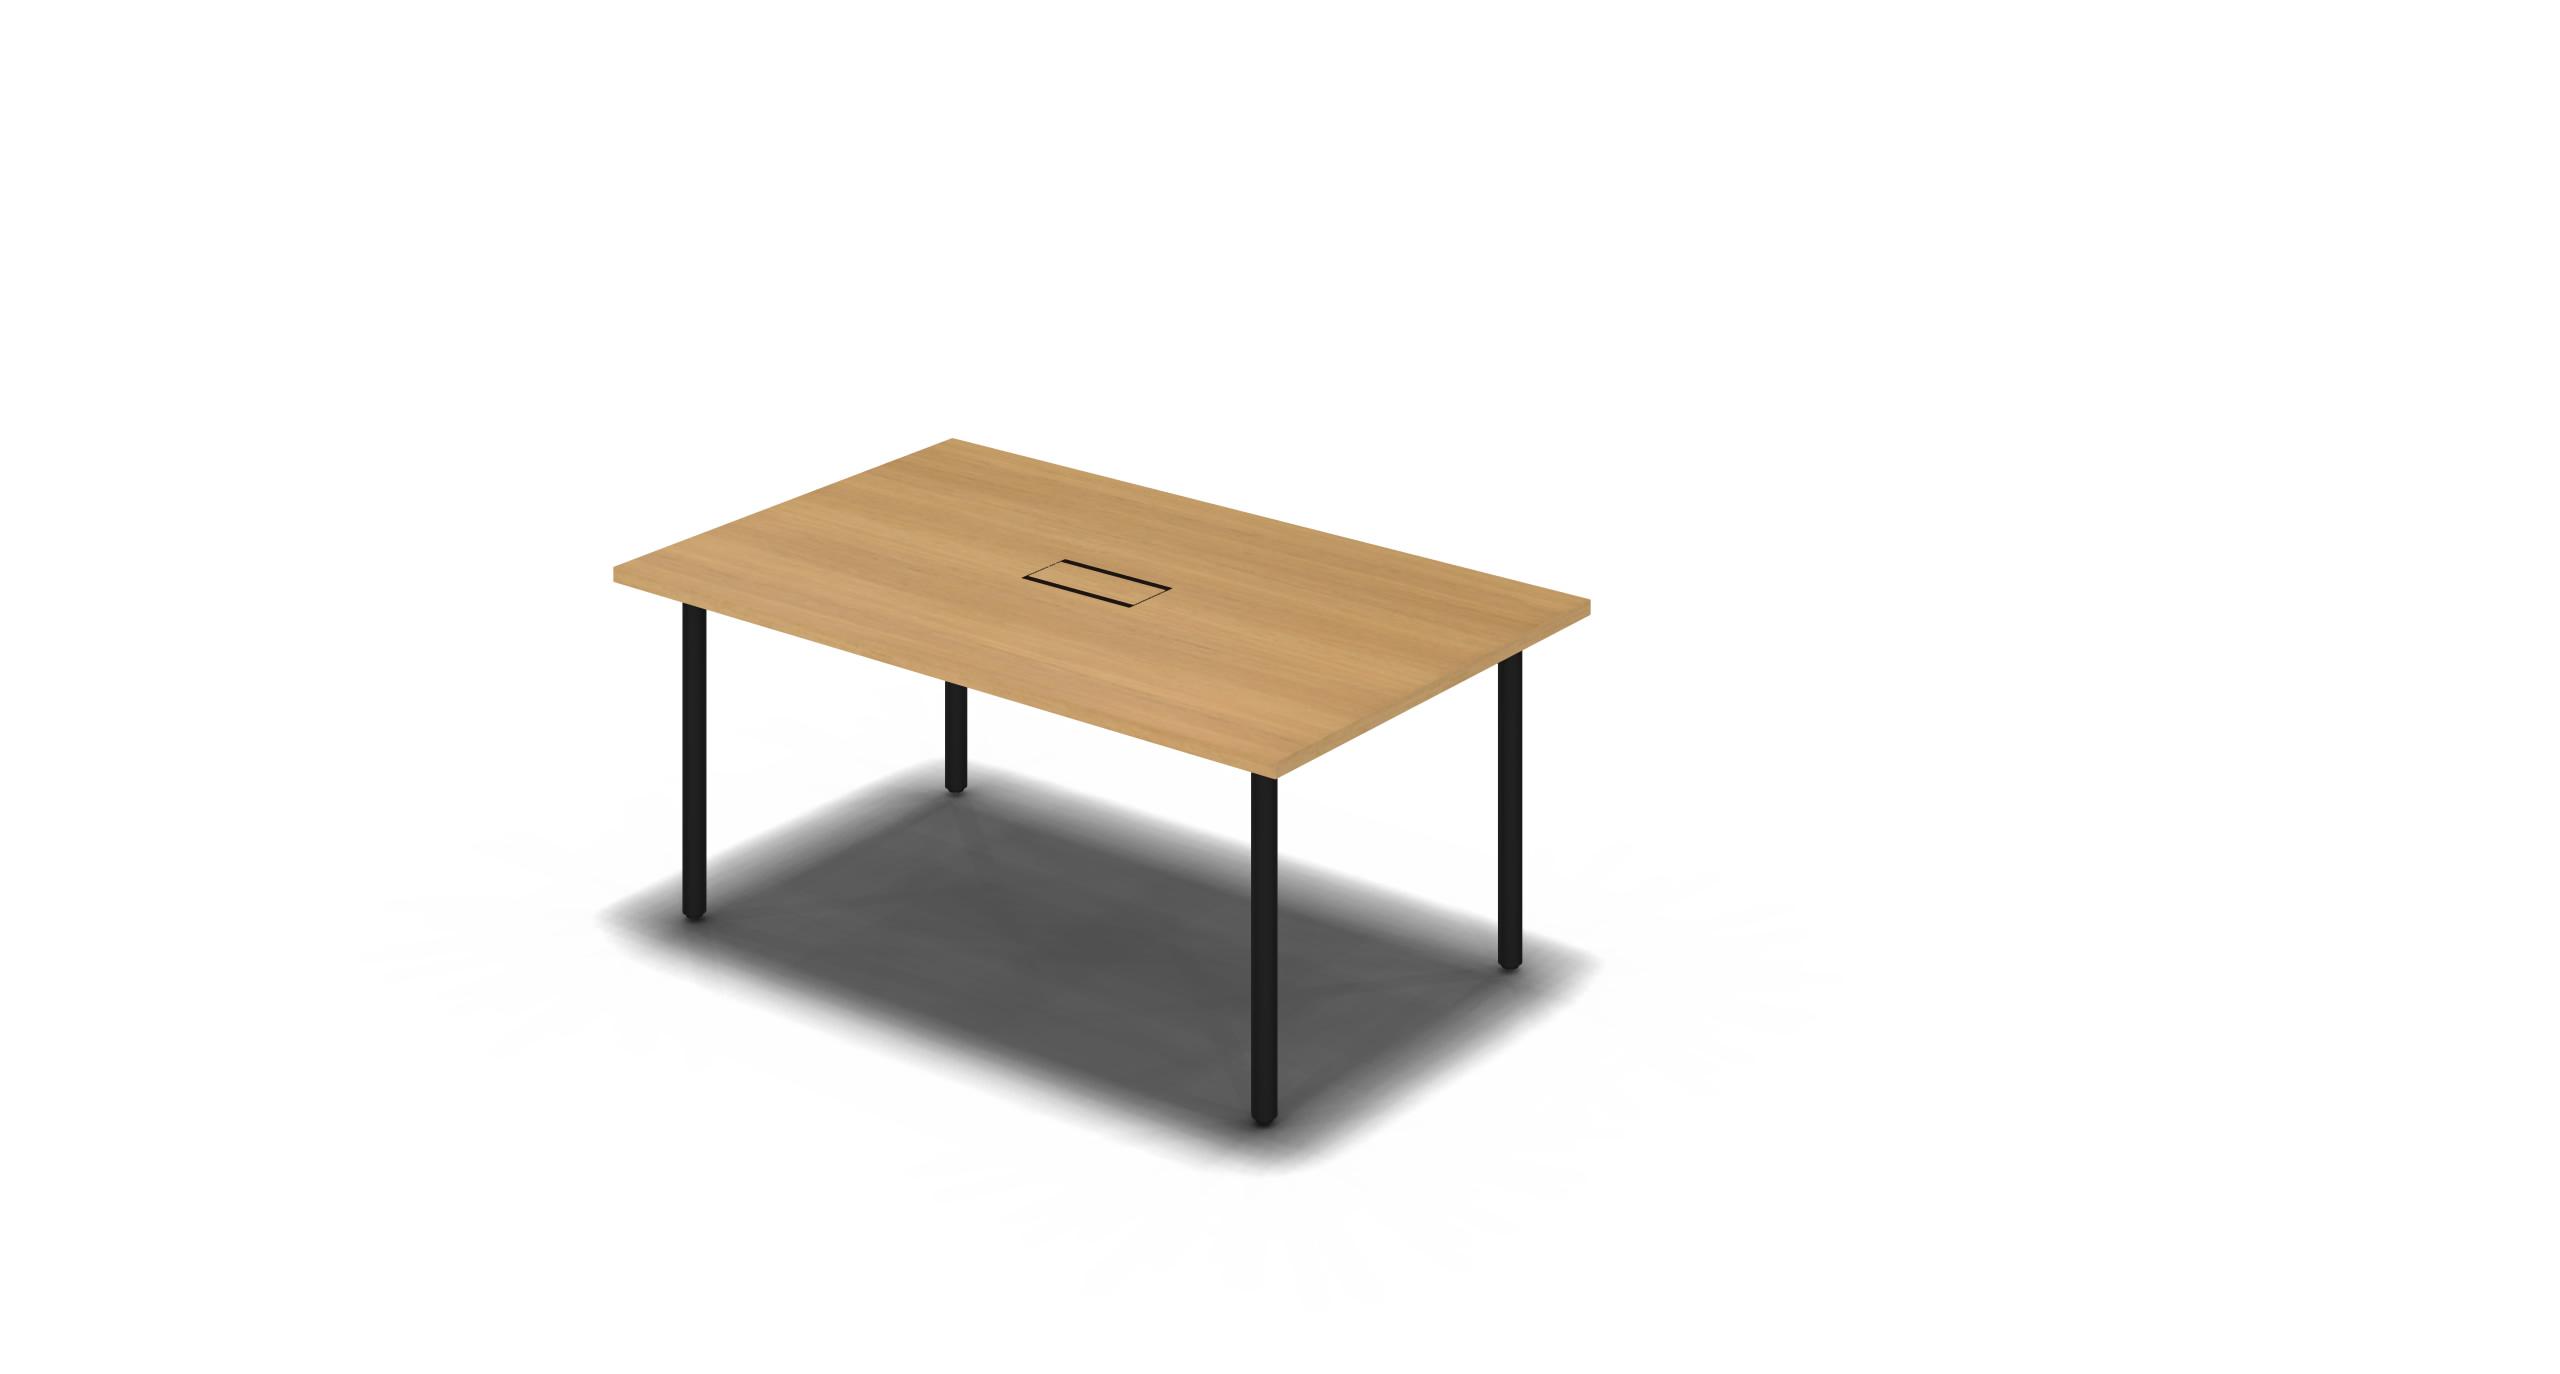 Table_Round_1500x900_Black_Oak_withOption